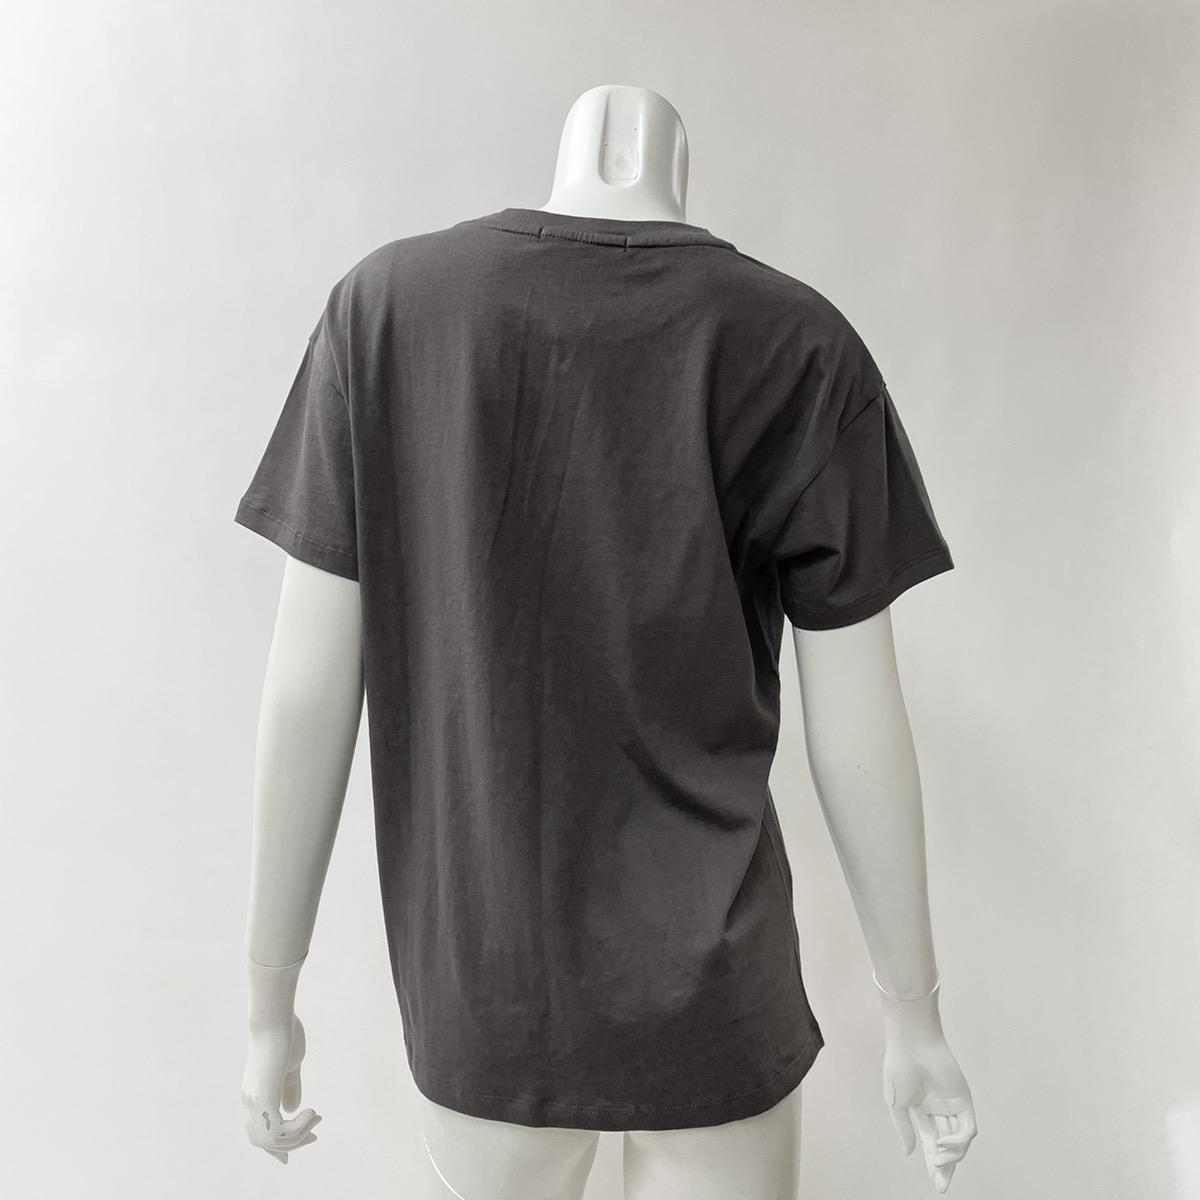 【ネコポス送料無料】ウラヅカイPT Tシャツ